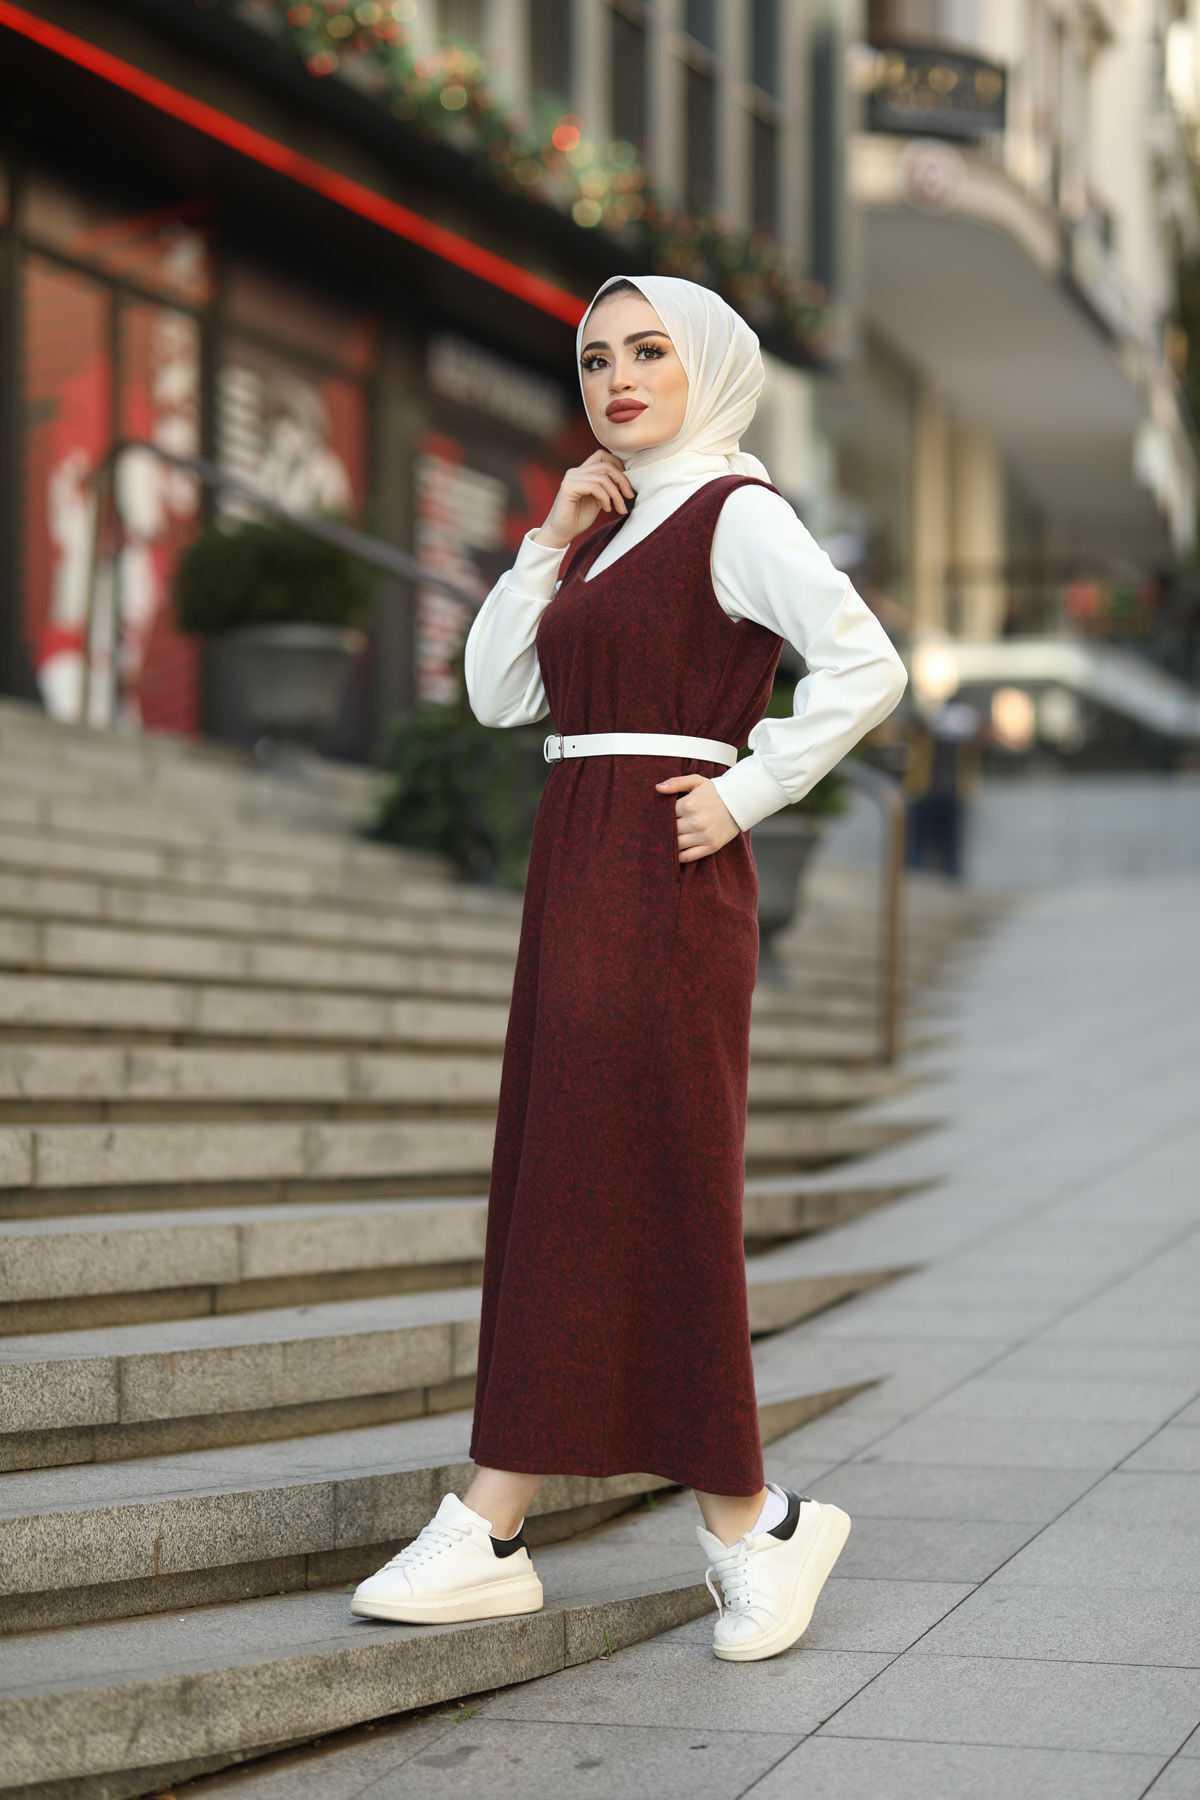 Eliza Moda Tesettür Jile Elbise Modelleri